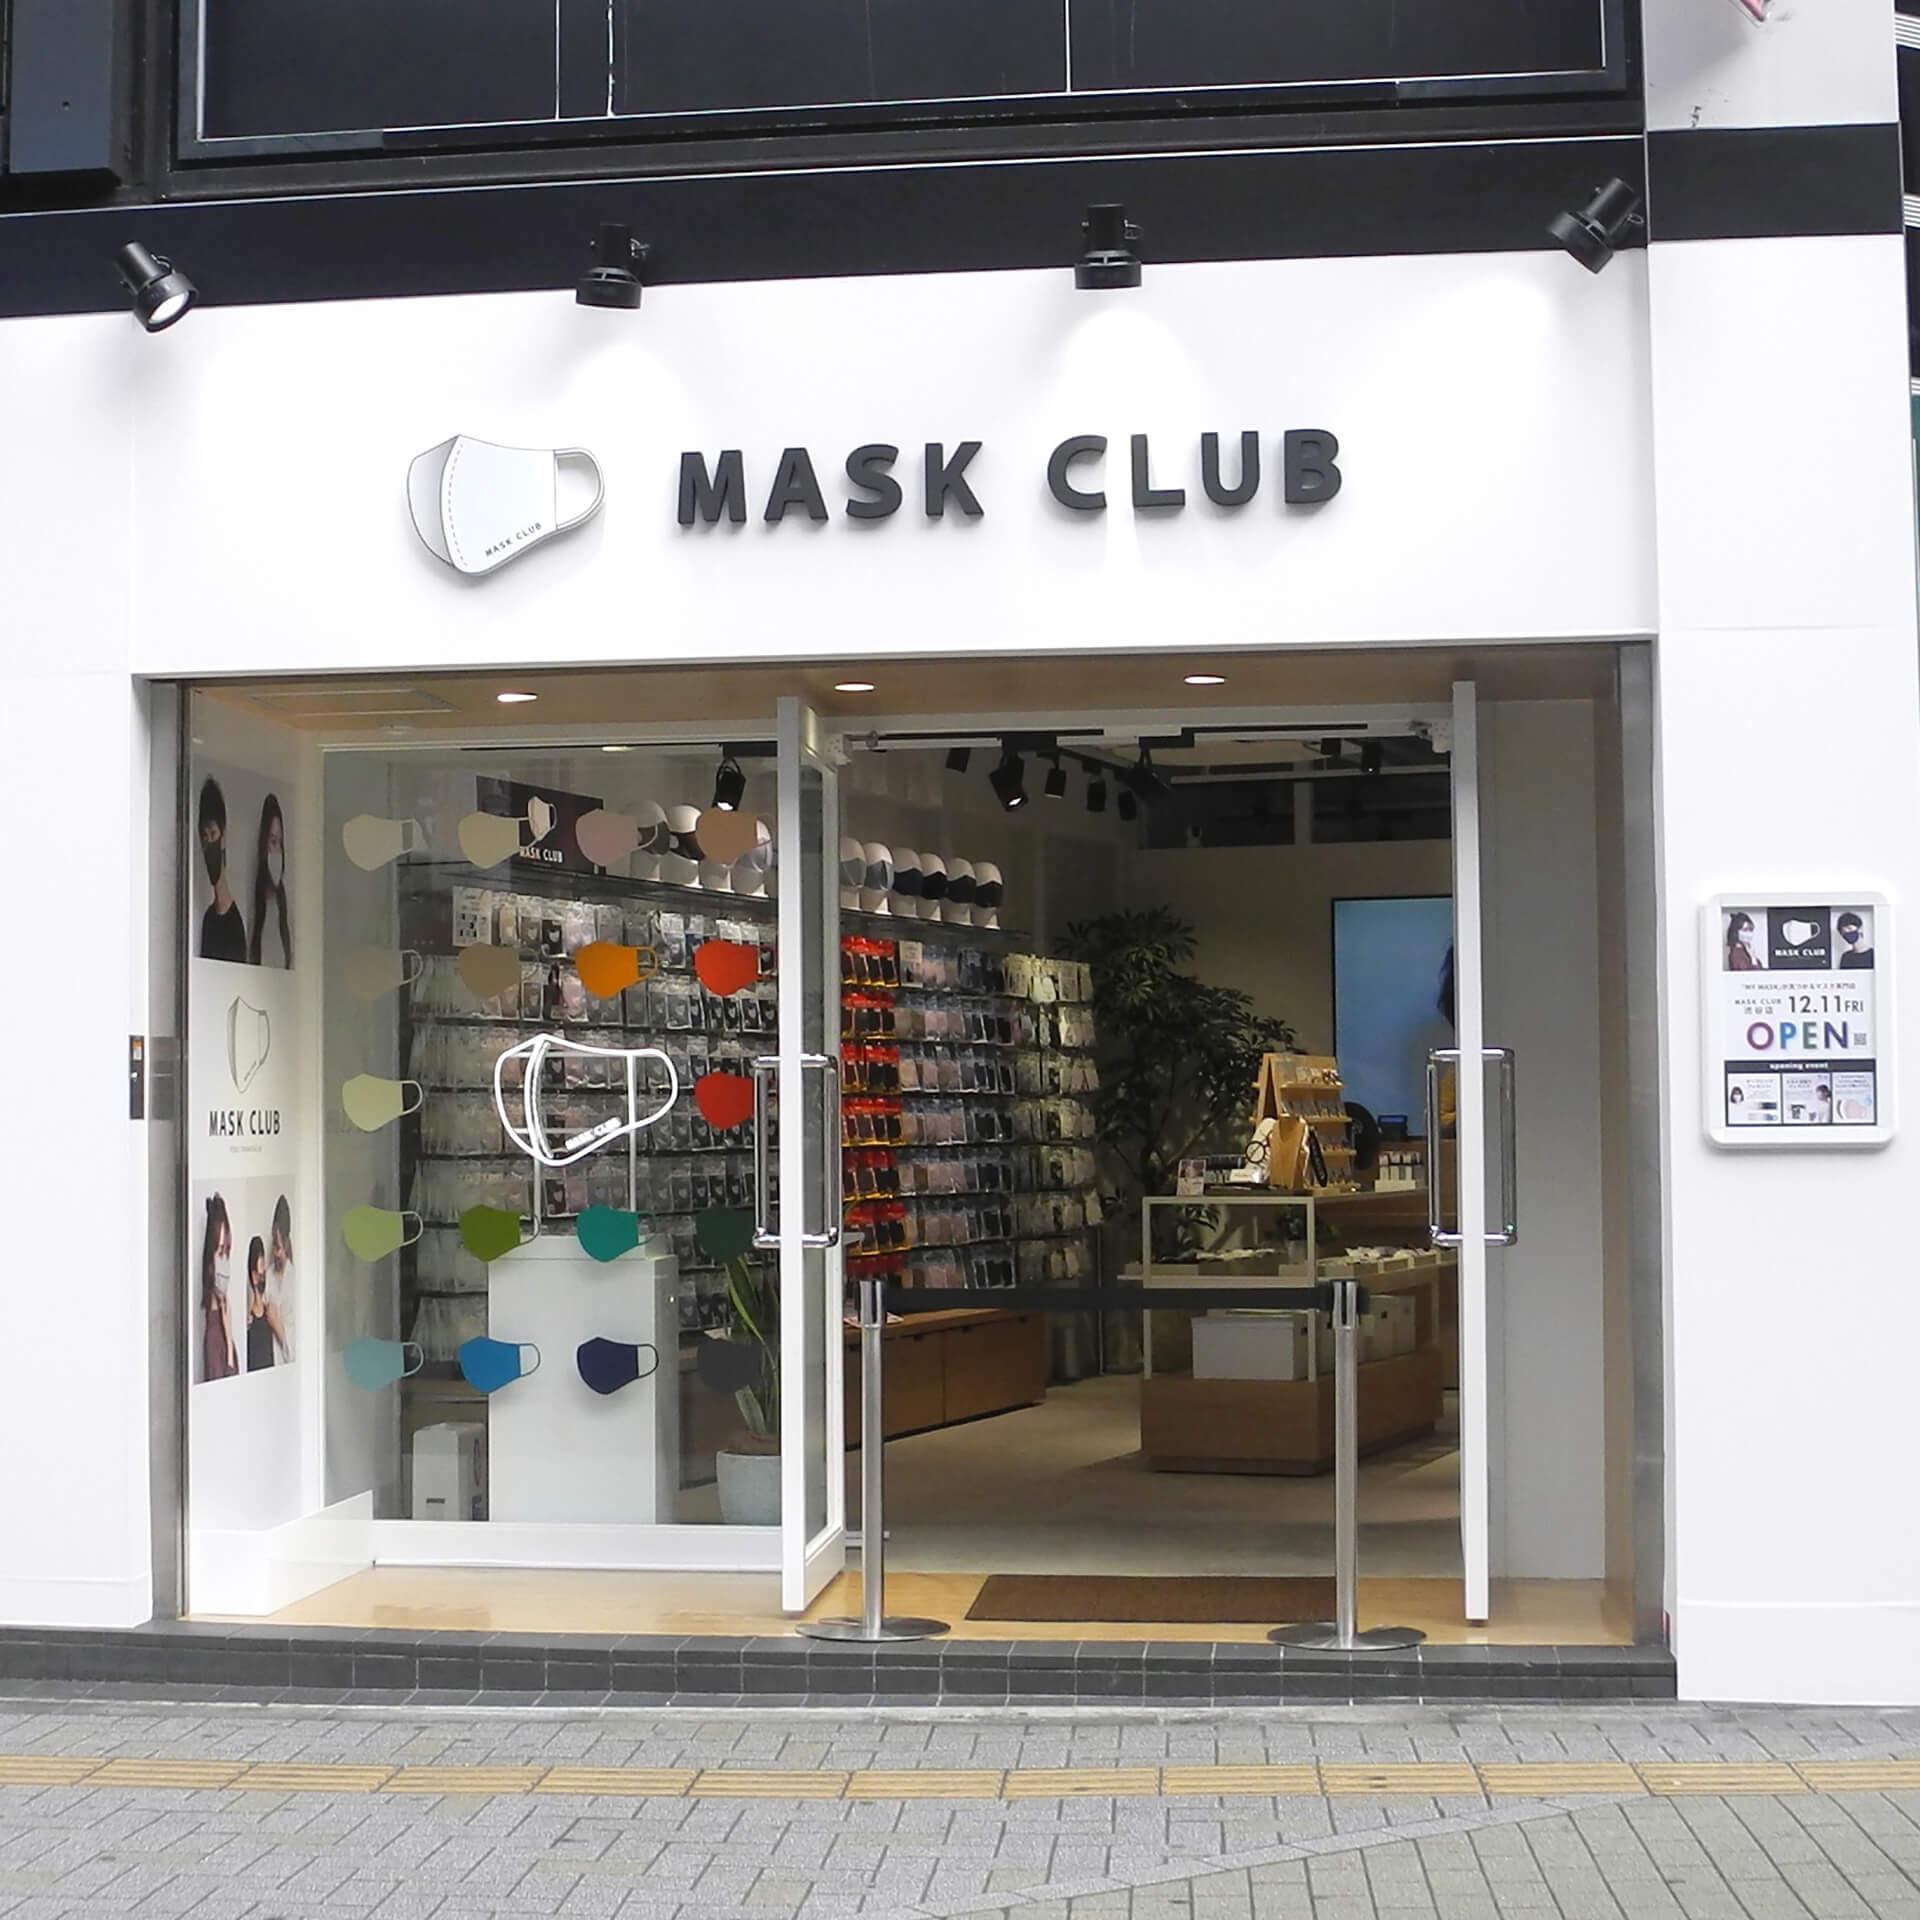 「MASK CLUB」渋谷店 マスク福袋